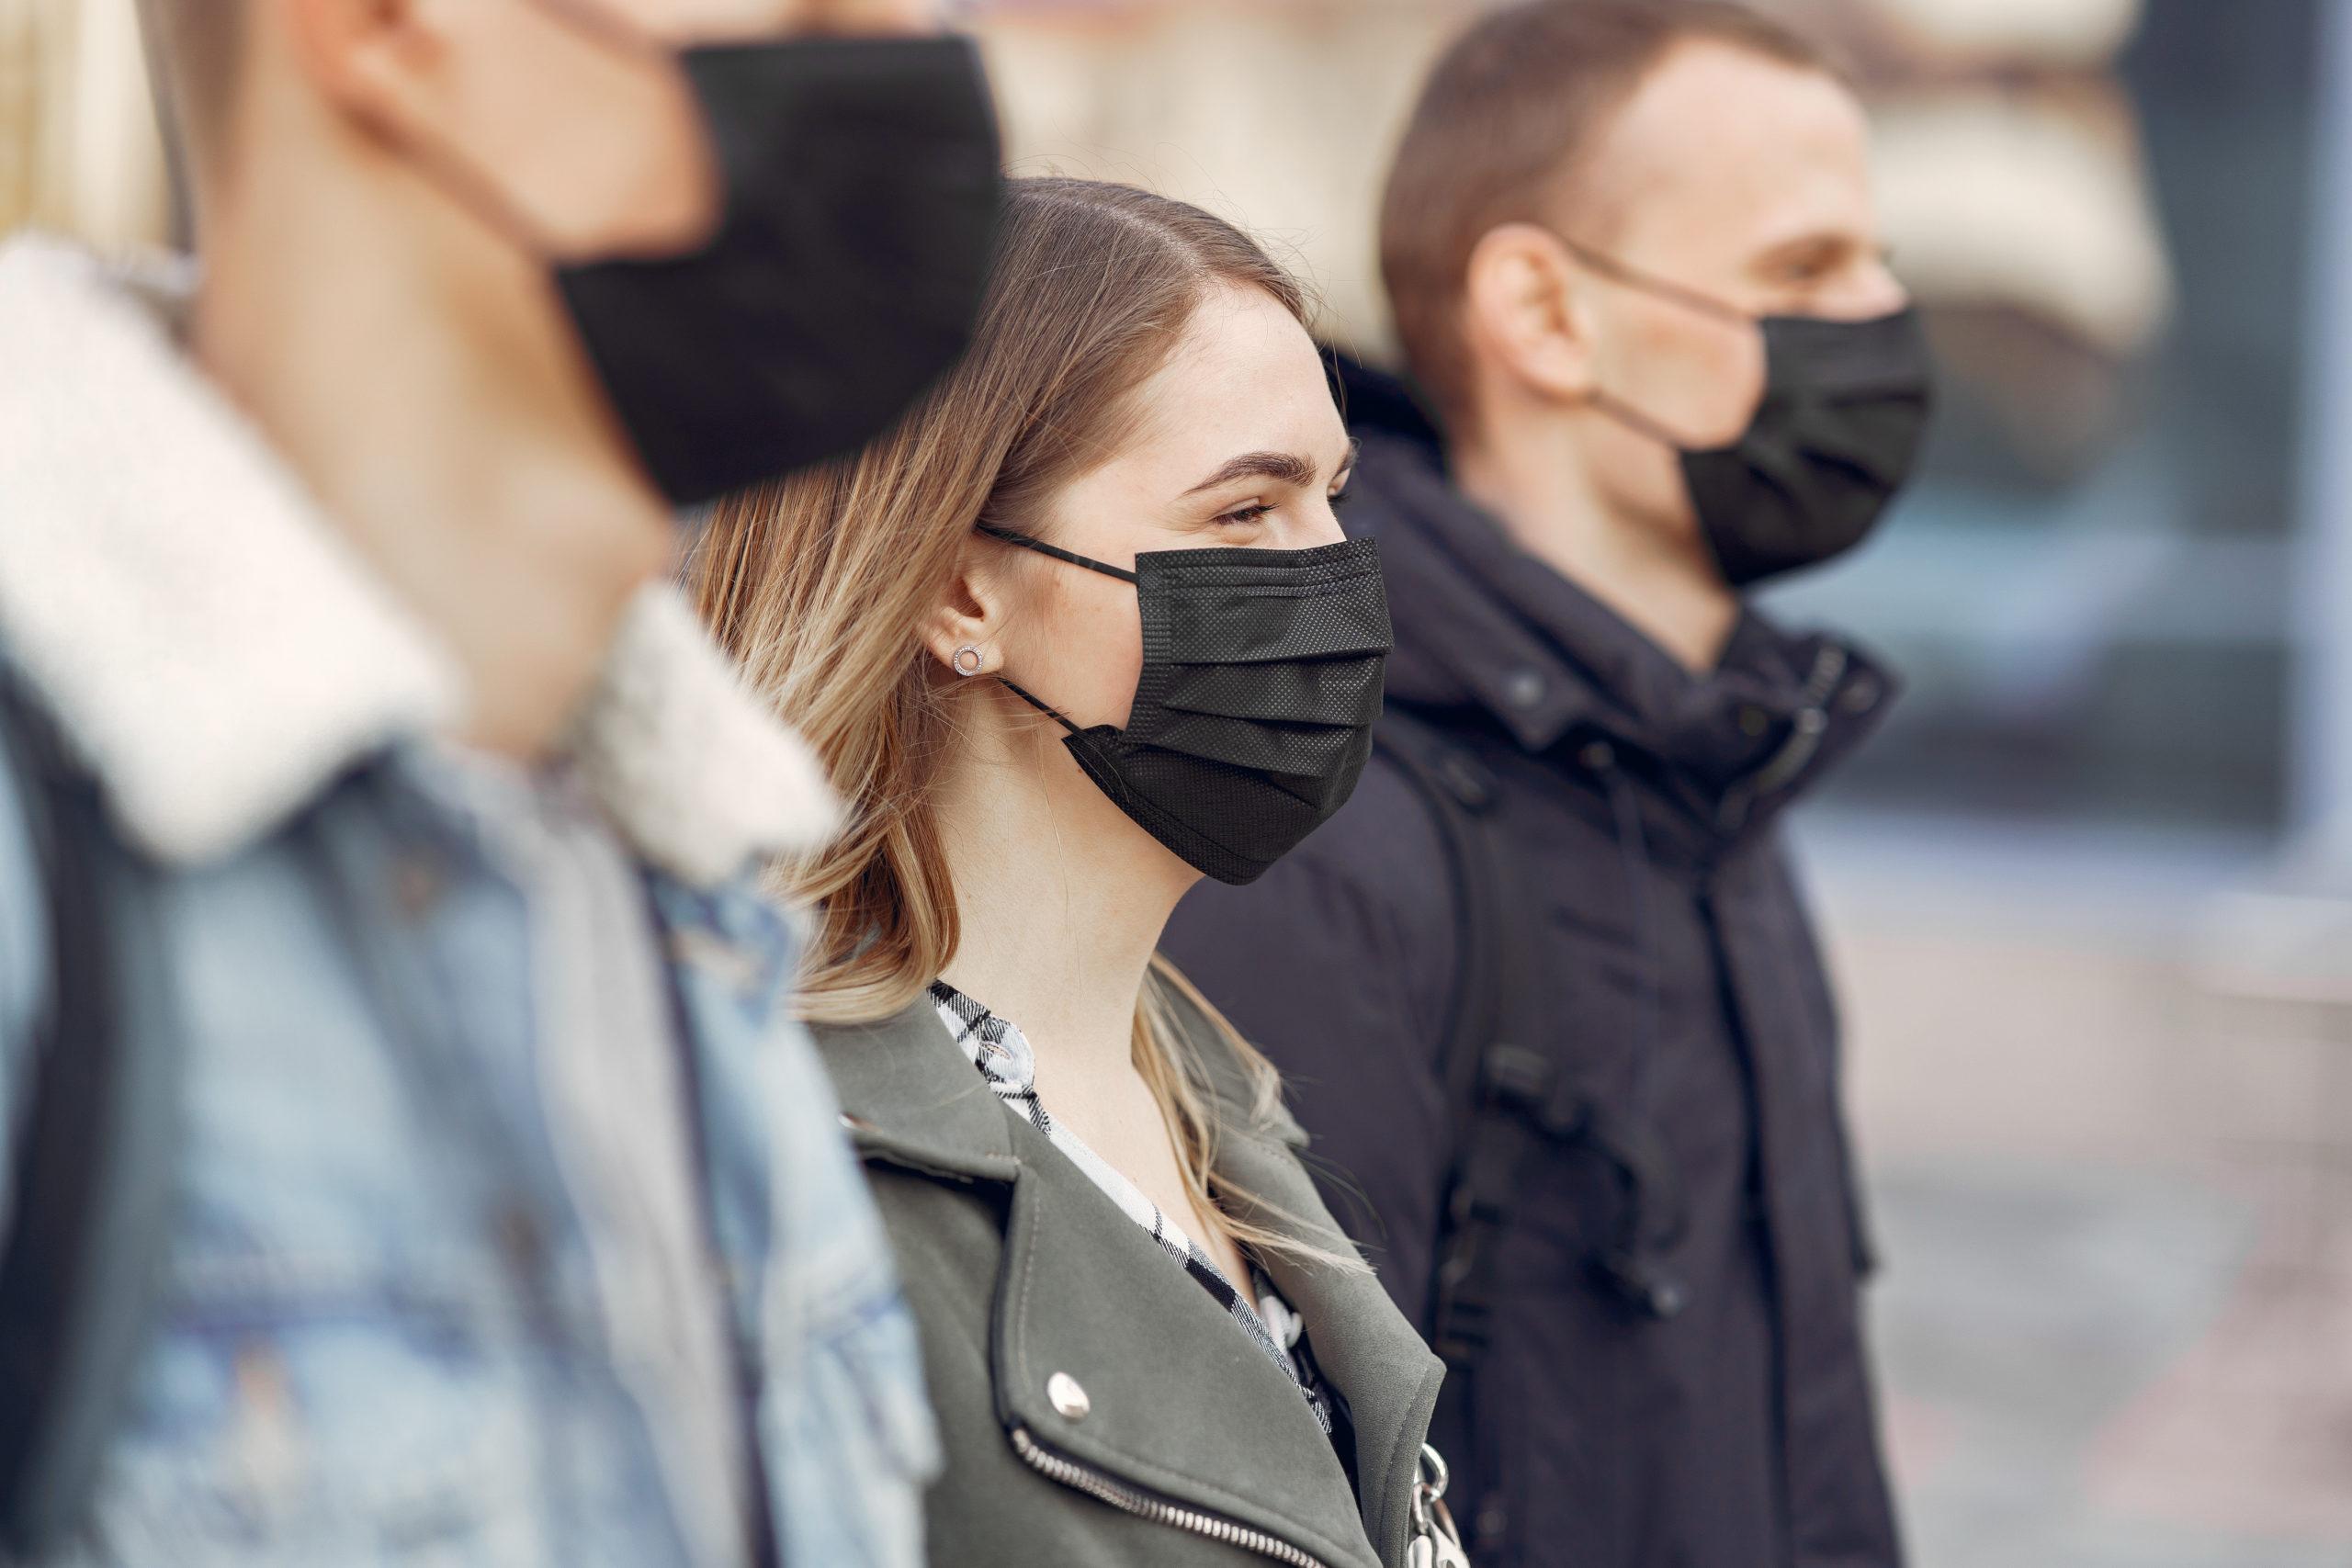 Masques de protection: face au coronavirus, les organismes de développement standard suivent plusieurs pistes